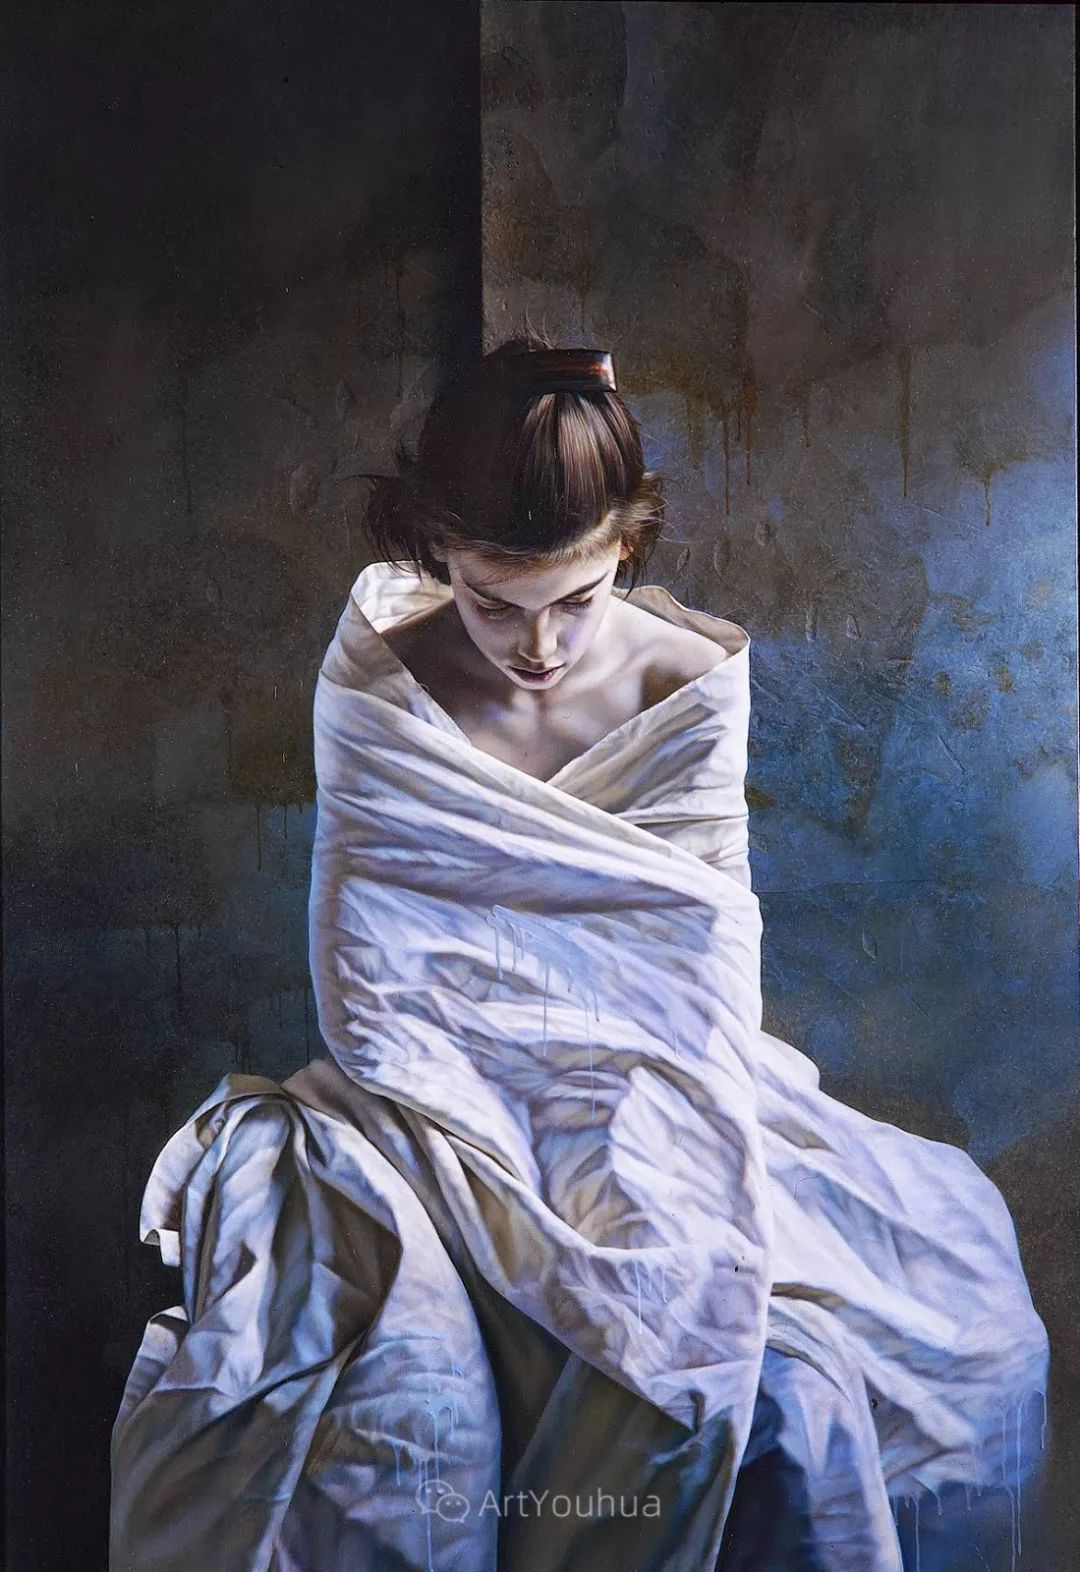 他以细腻的画风享誉国际画坛,笔下的女性大多涩苦幽情插图7